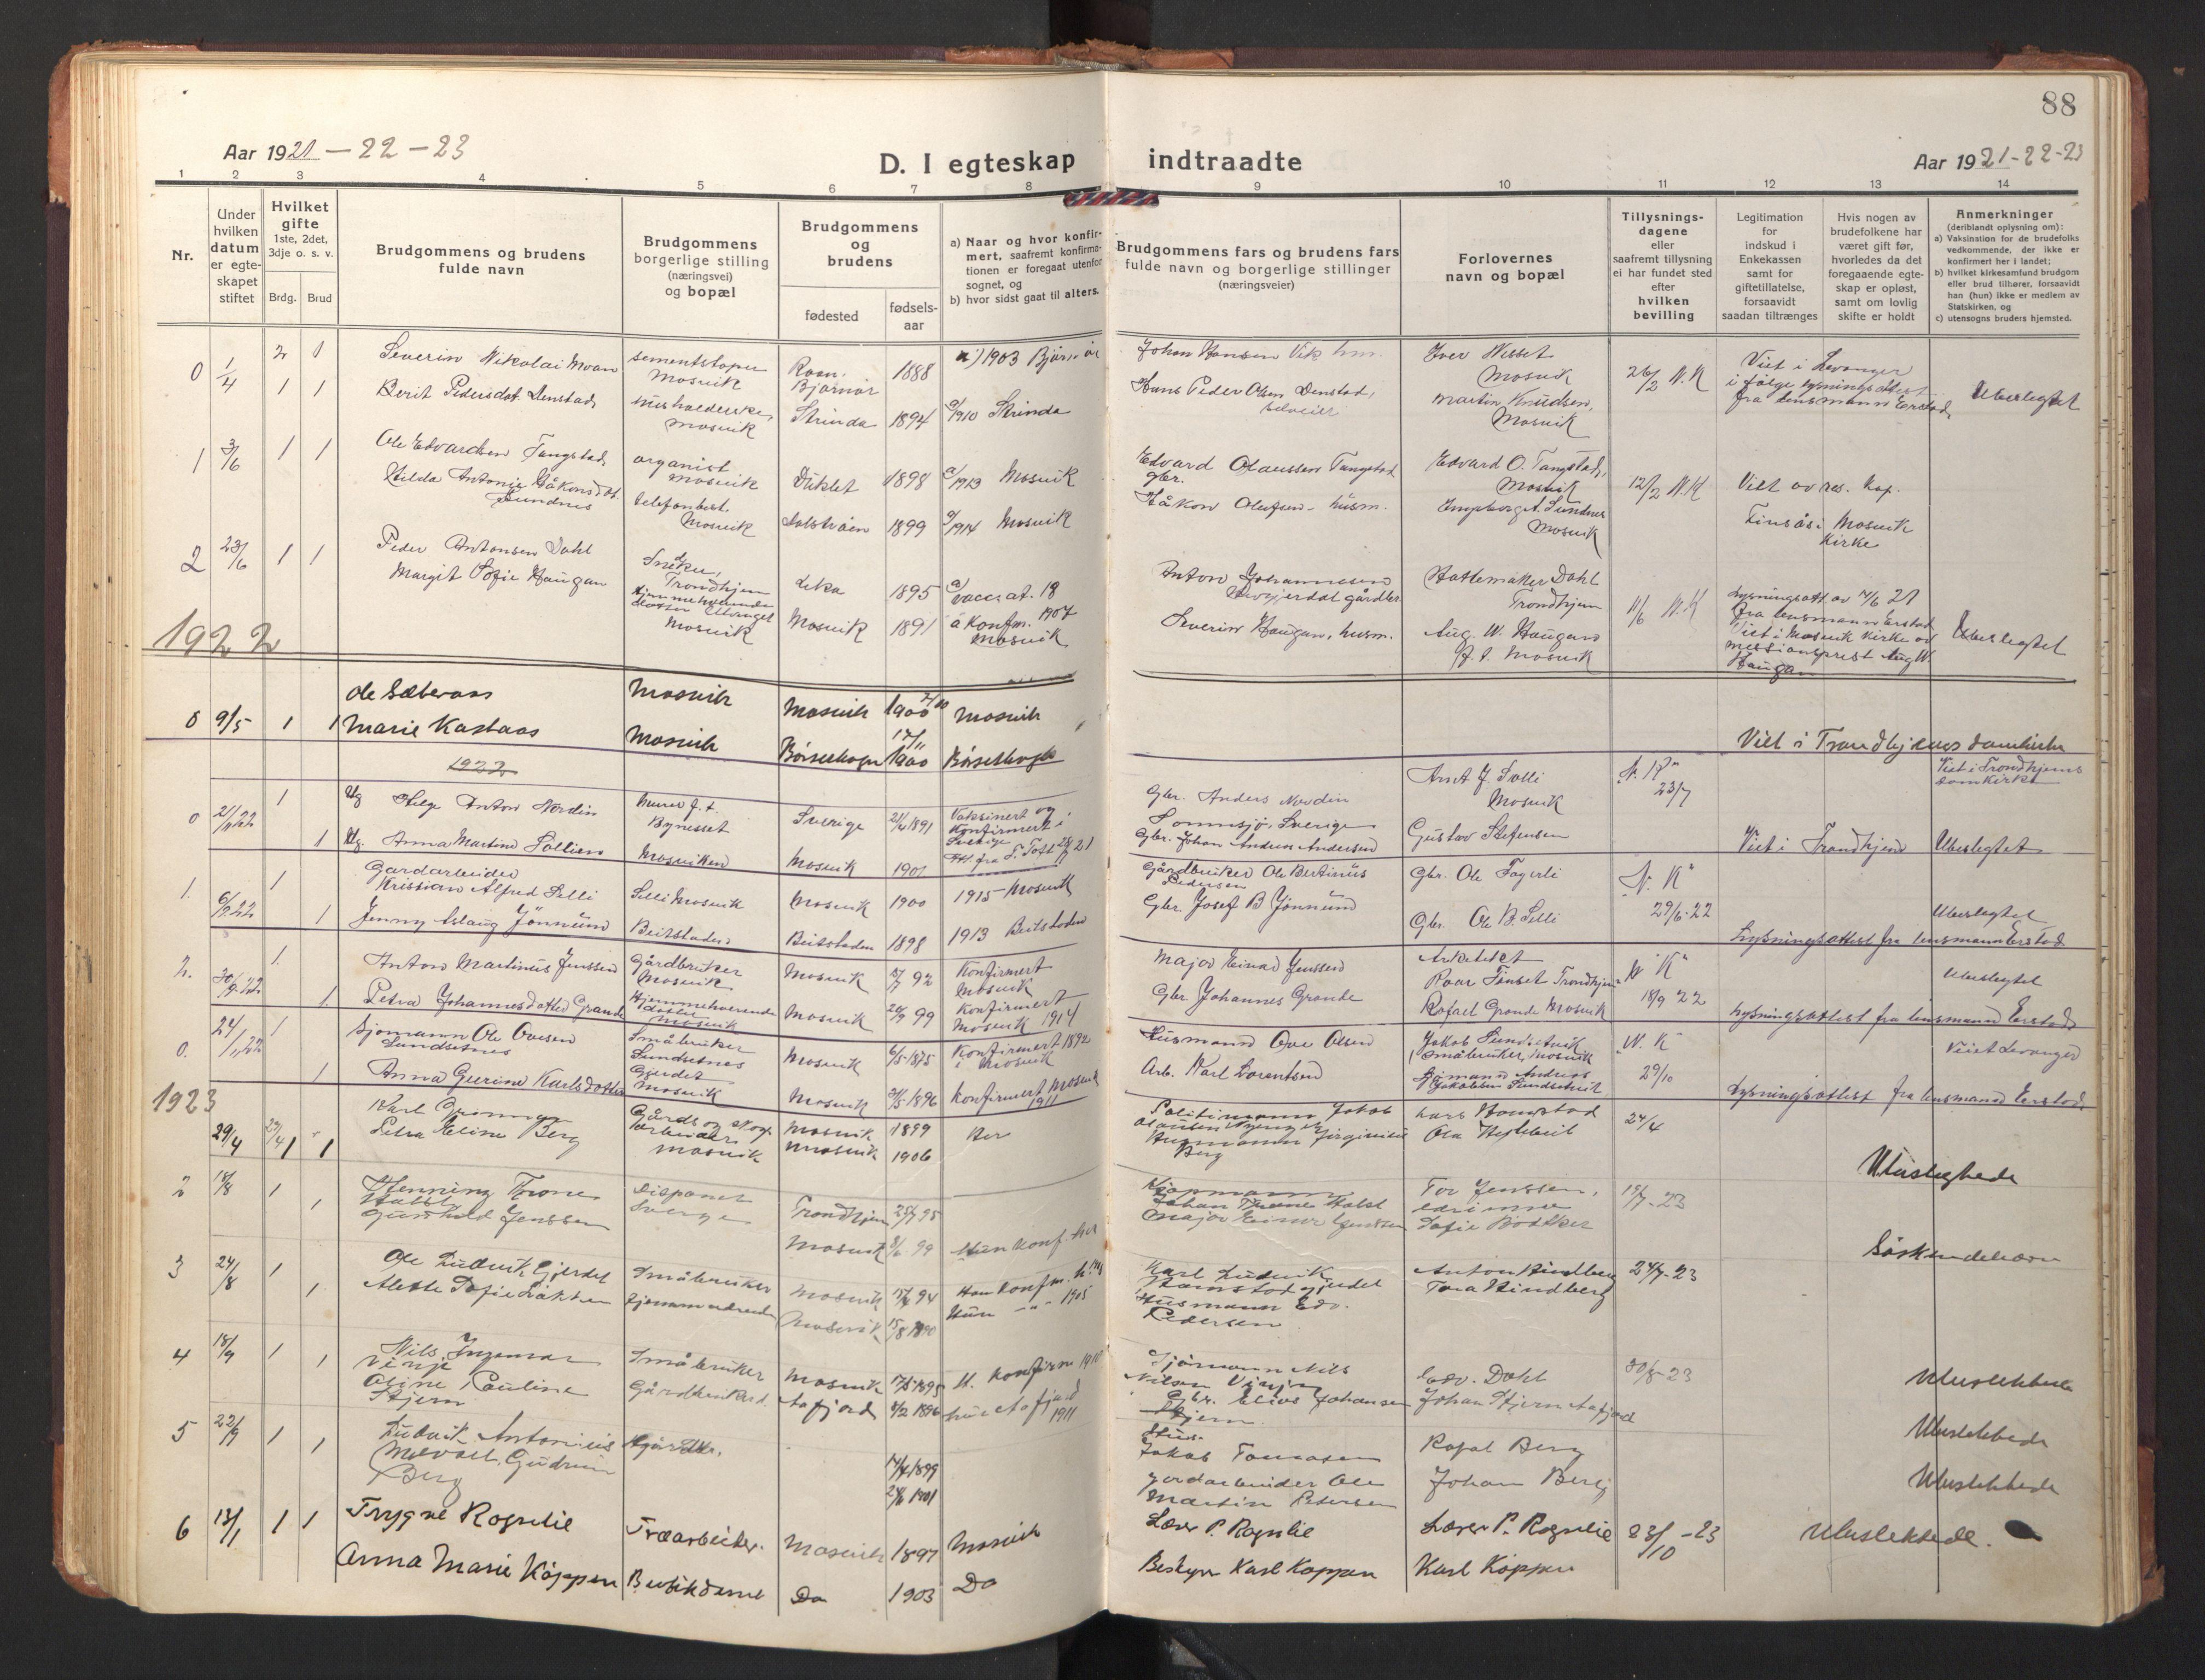 SAT, Ministerialprotokoller, klokkerbøker og fødselsregistre - Nord-Trøndelag, 733/L0328: Klokkerbok nr. 733C03, 1919-1966, s. 88